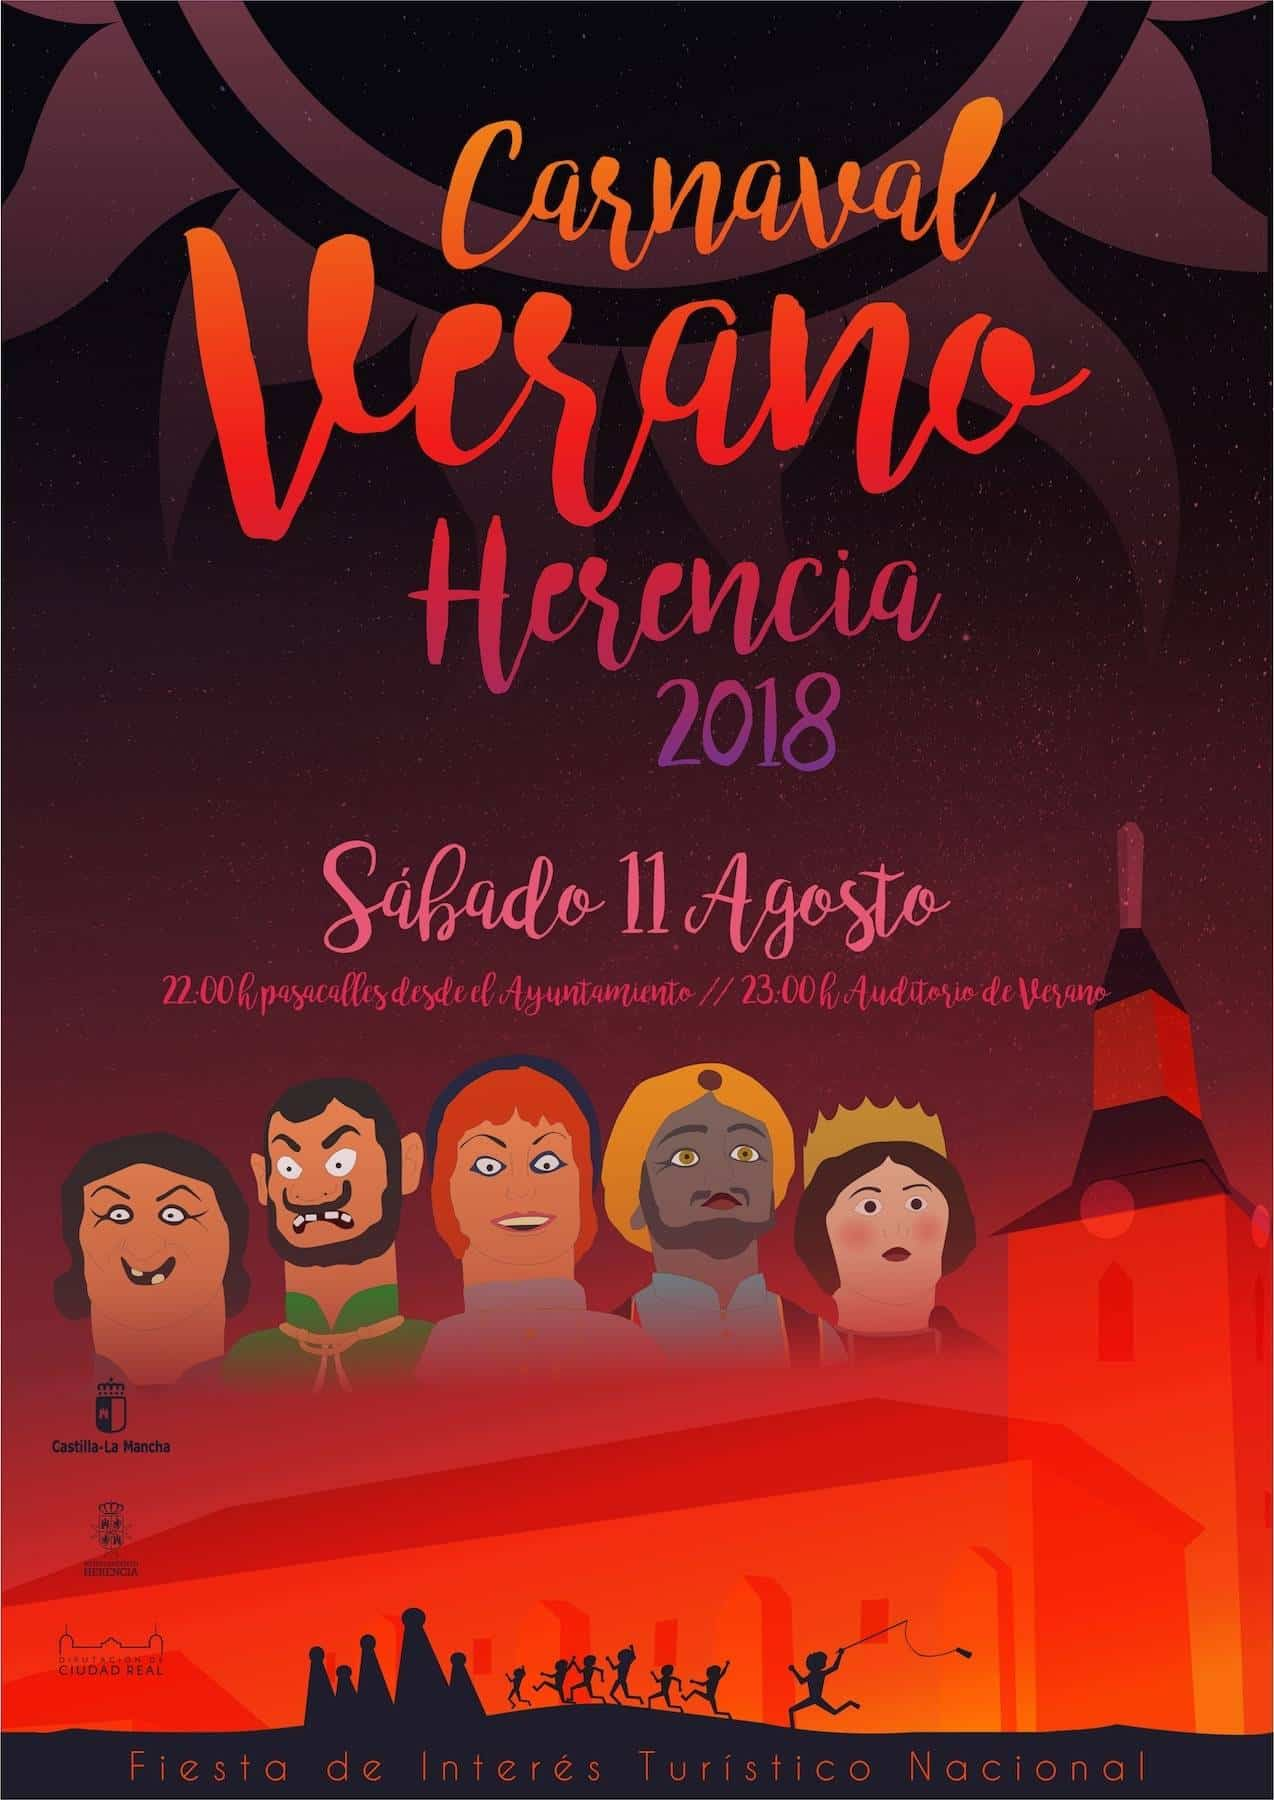 carnaval de verano 2018 herencia ciudad real - El Carnaval de Verano de Herencia el único en la región